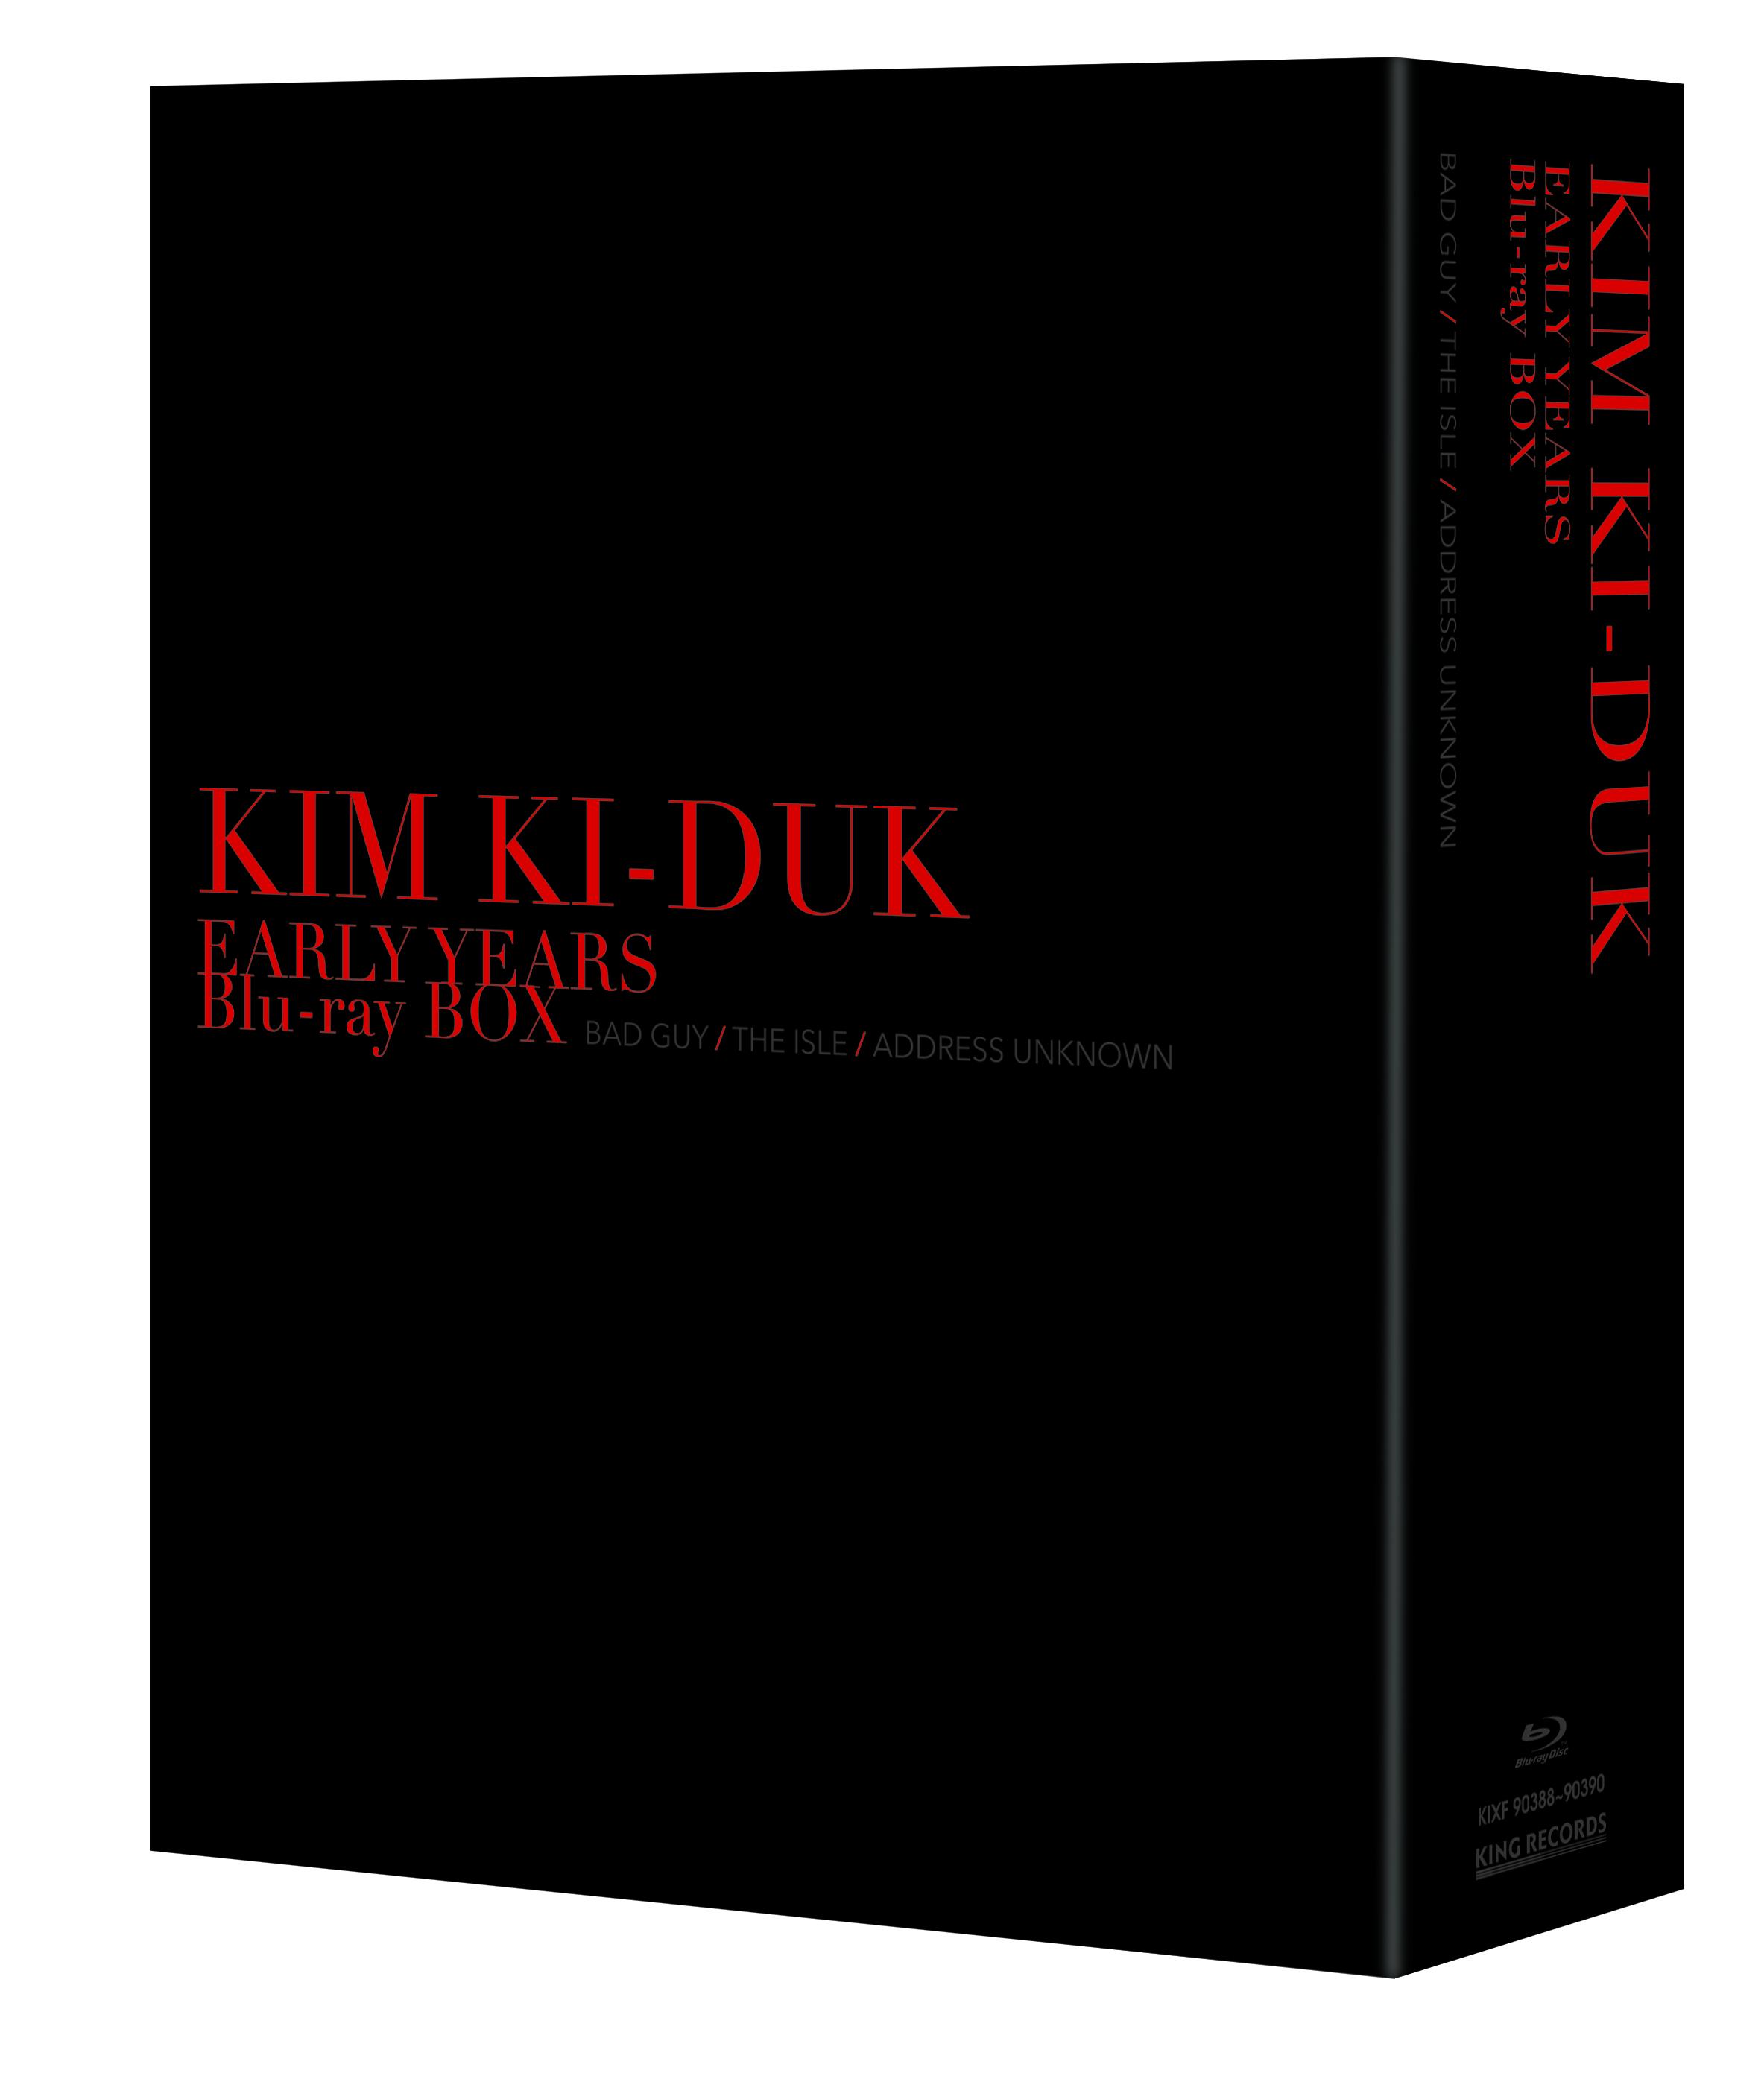 キム・ギドク Blu-ray BOX 初期編